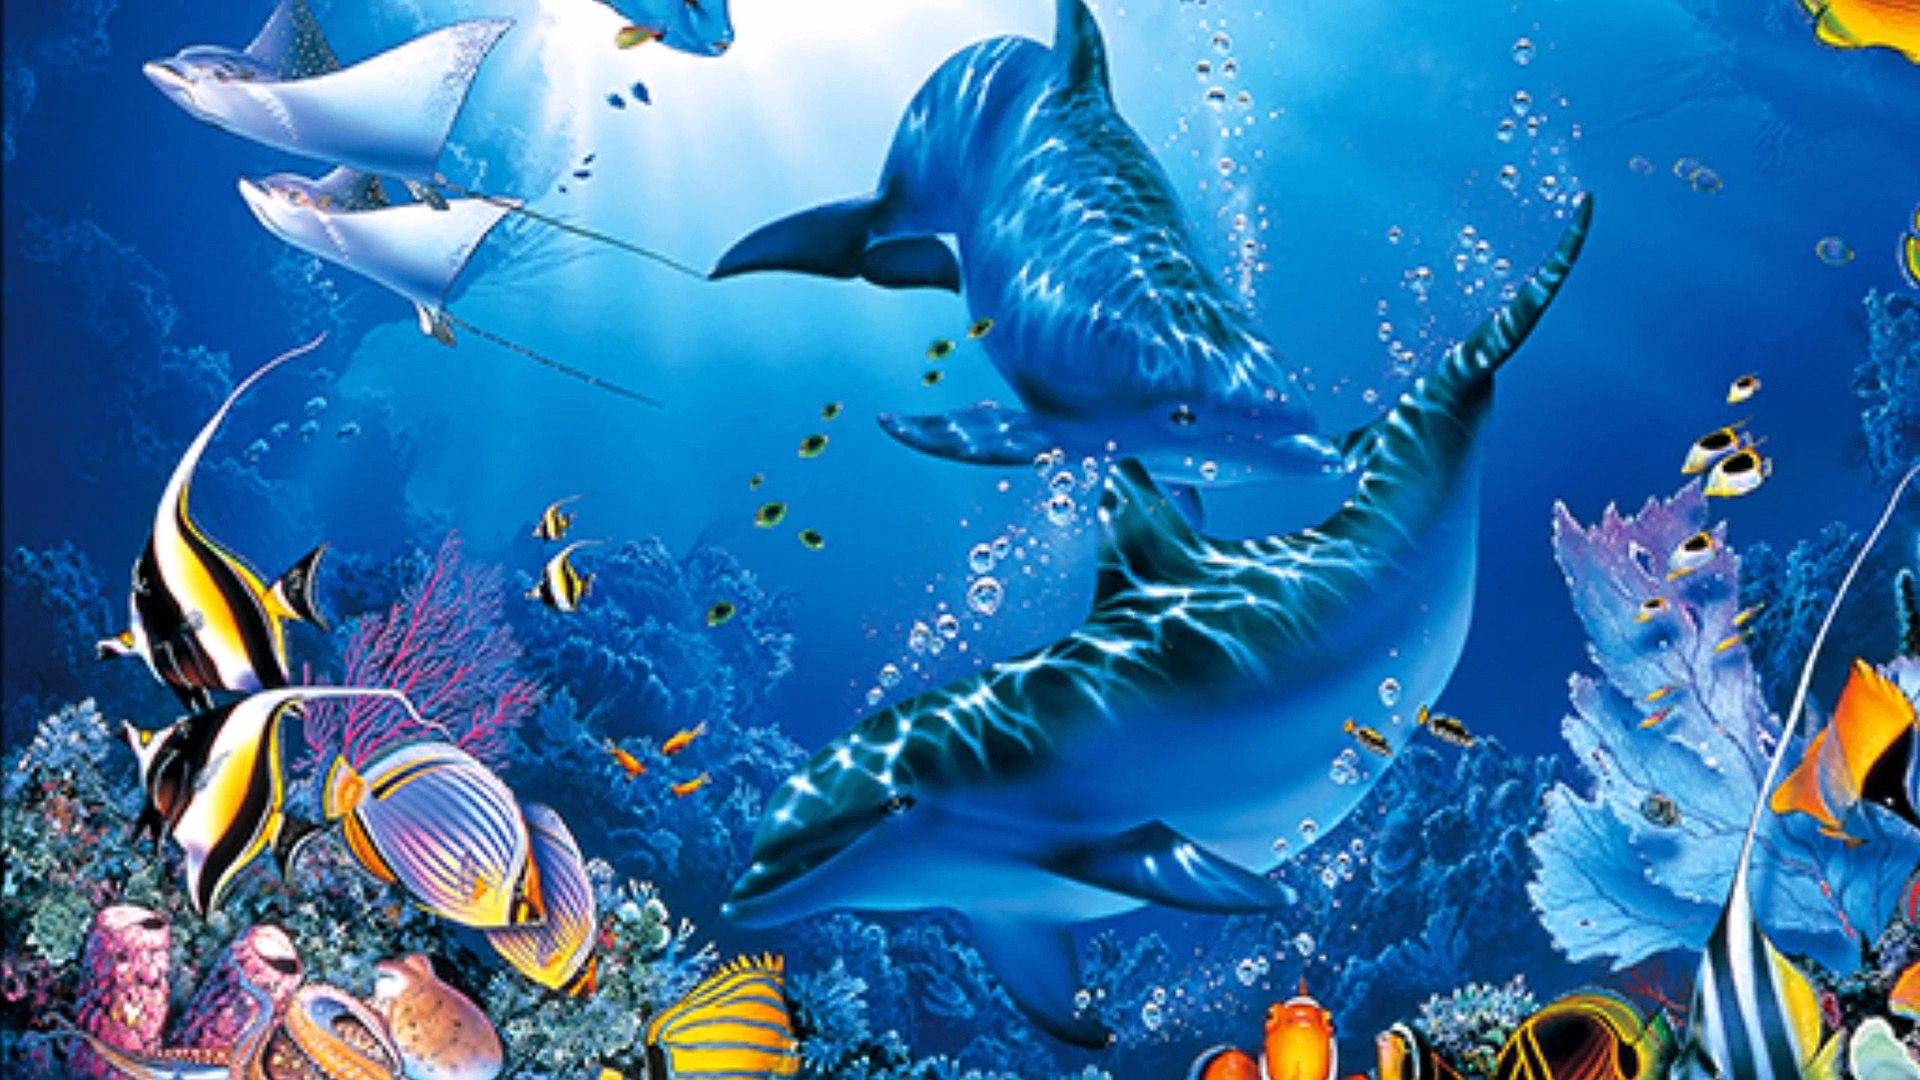 ラッセン動画dolphin 2 動画 Dailymotion